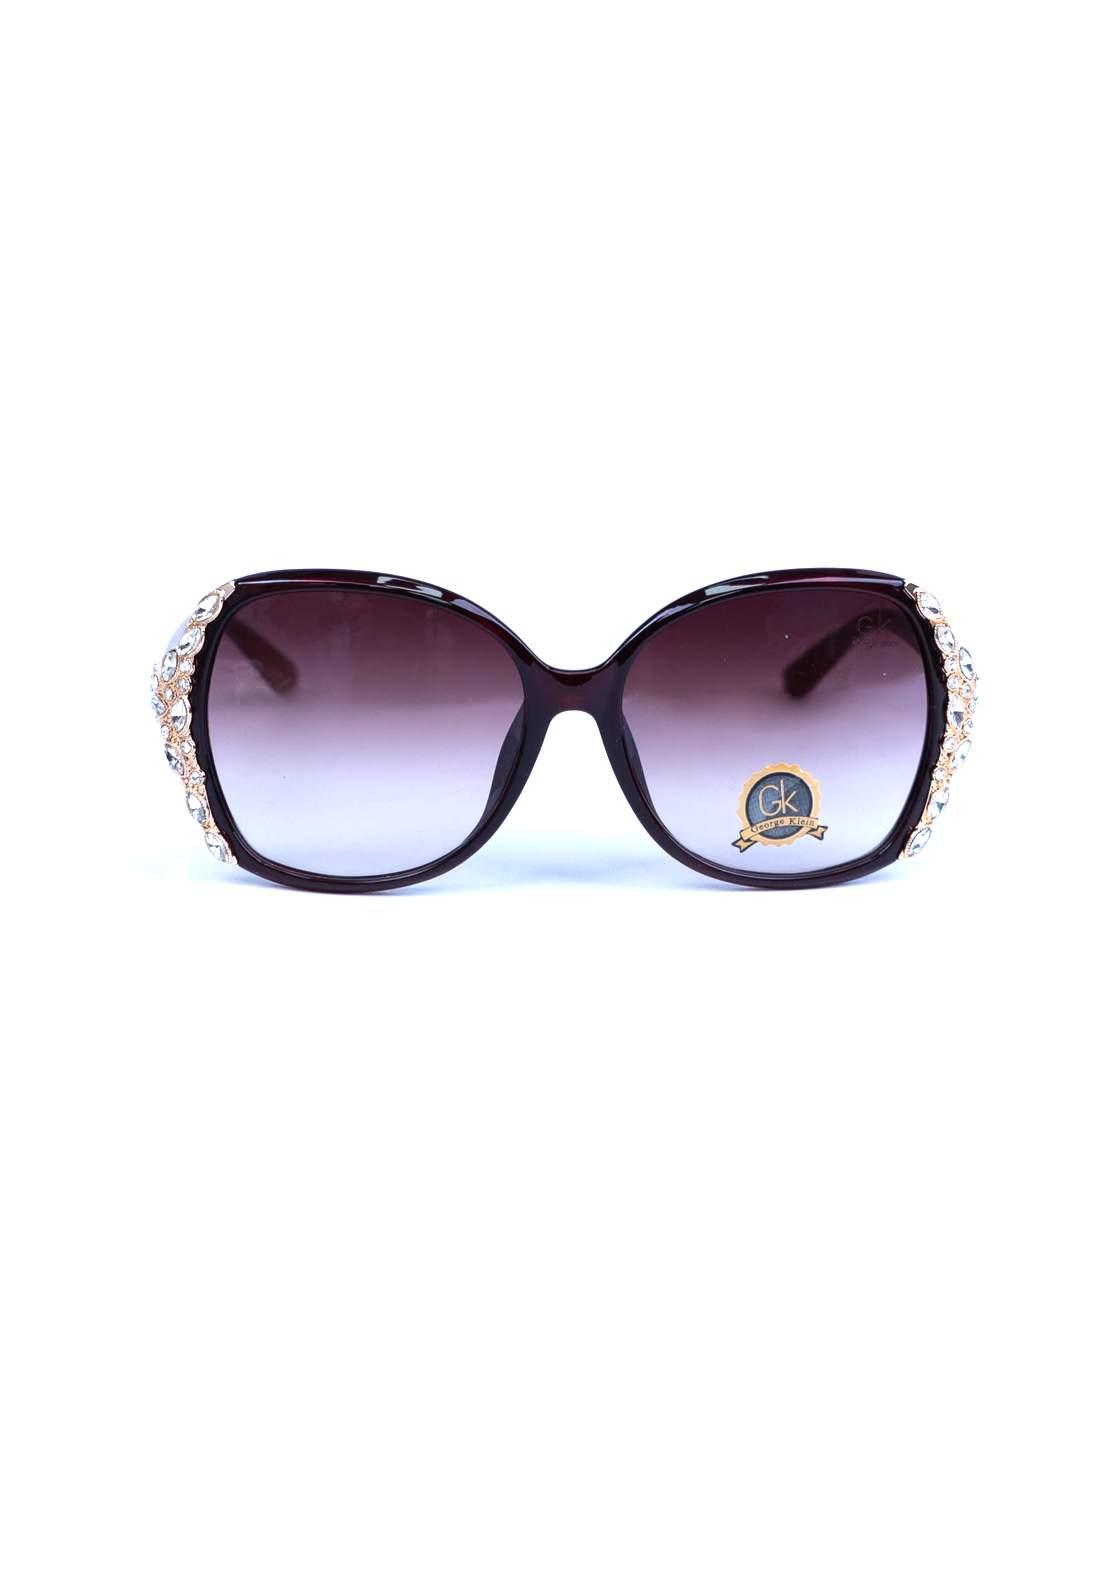 نظارات نسائية  بنية اللون من جي كي